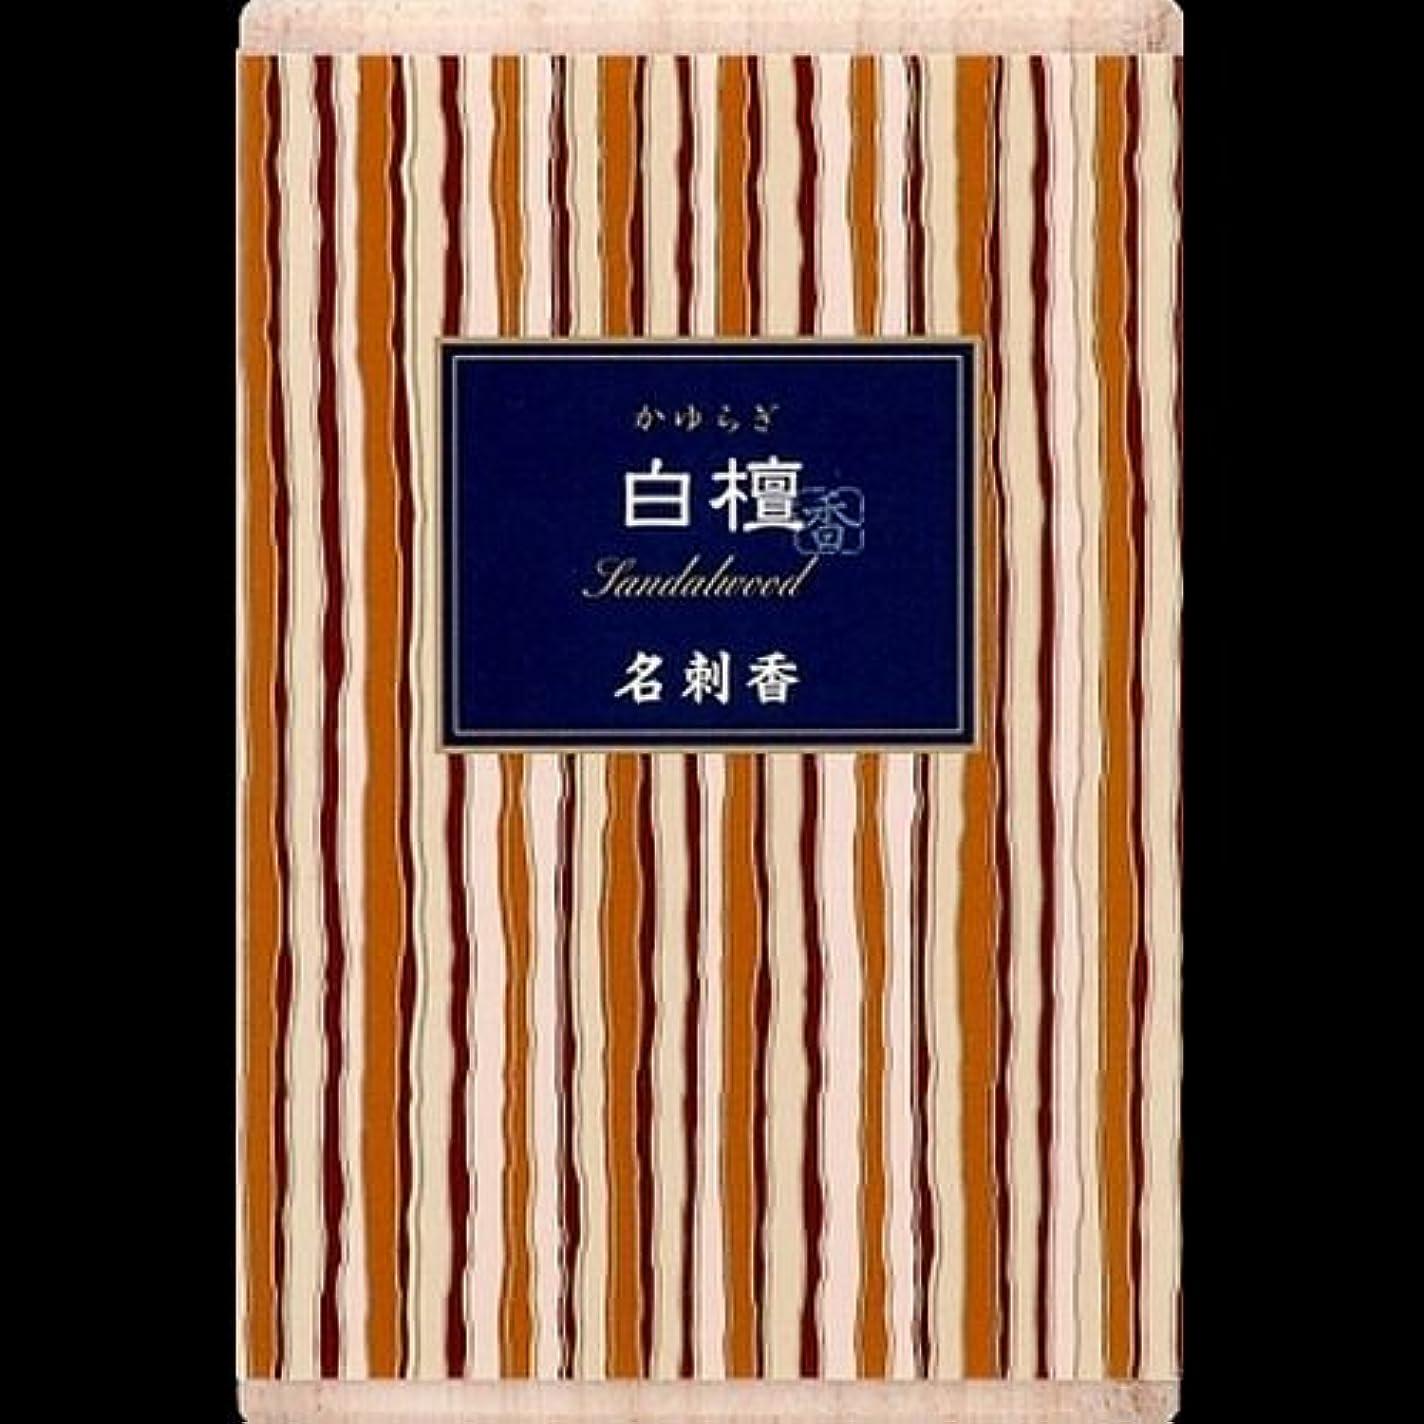 貝殻名前意味のある【まとめ買い】かゆらぎ 白檀 名刺香 桐箱 6入 ×2セット